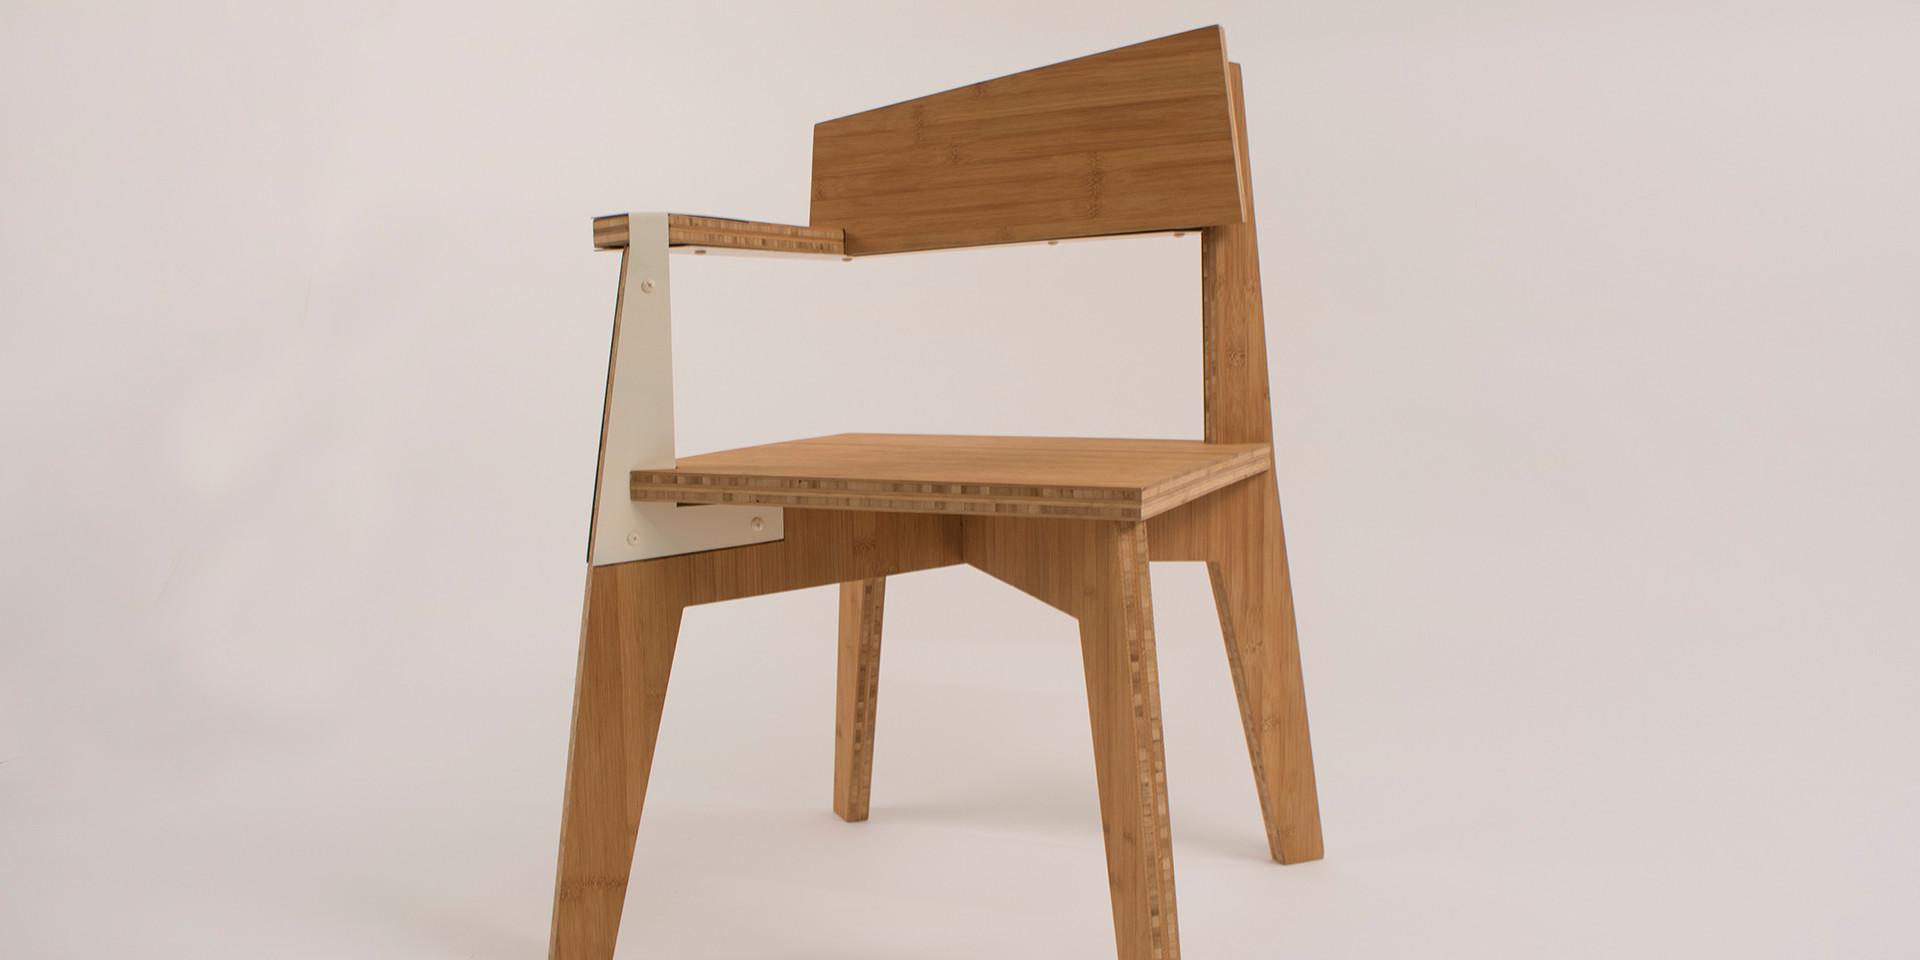 Asymmetrical Chair